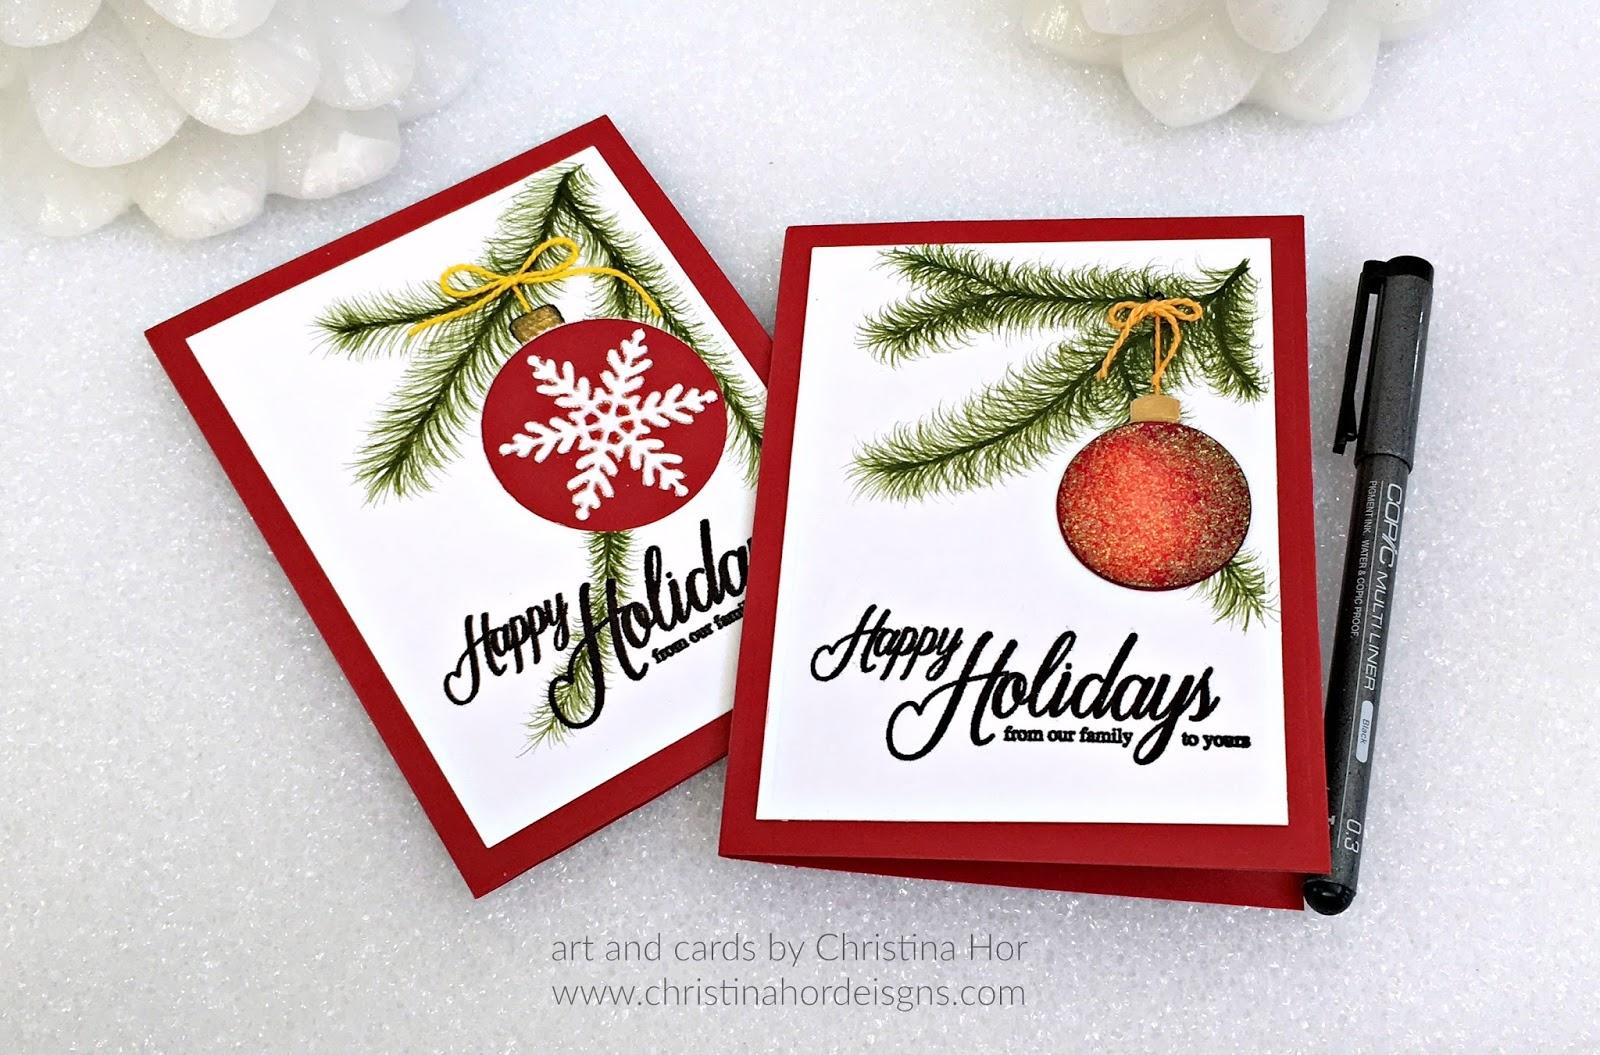 holiday cards 2016 christina hor designs